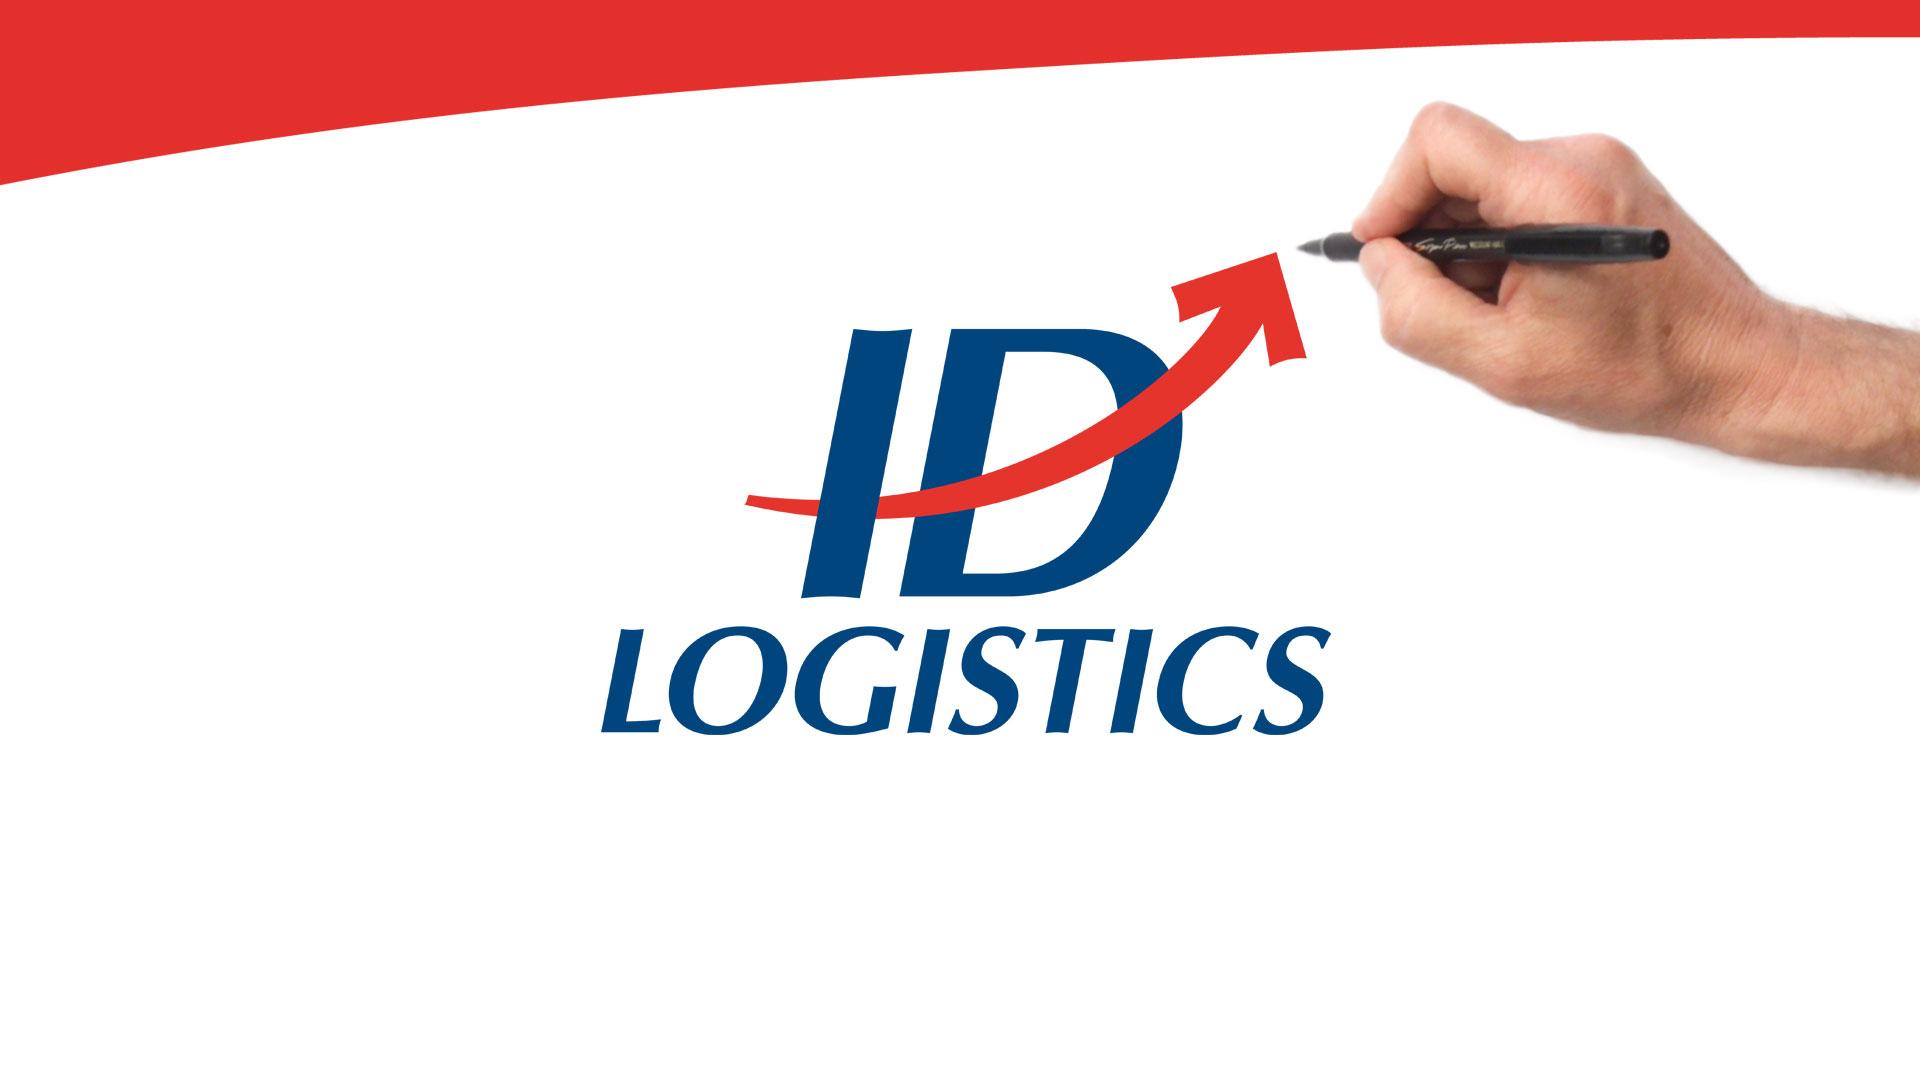 ID Logistics, vidéo réalisée par Déclic Vidéo